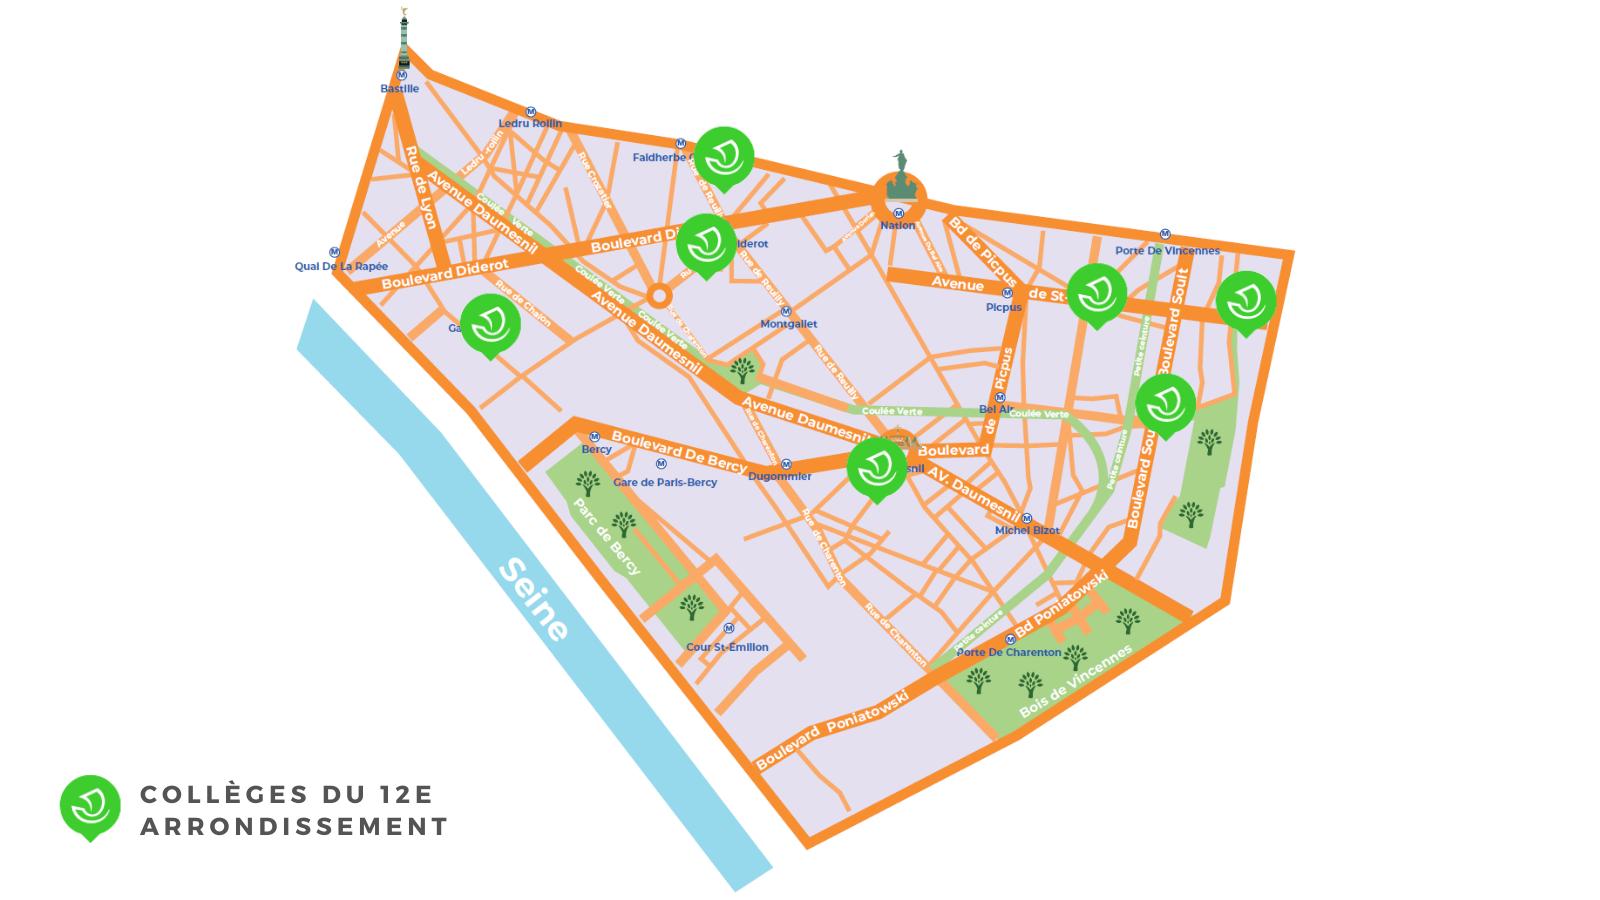 Carte de l'arrondissement situant les 7 collèges de l'arrondissement